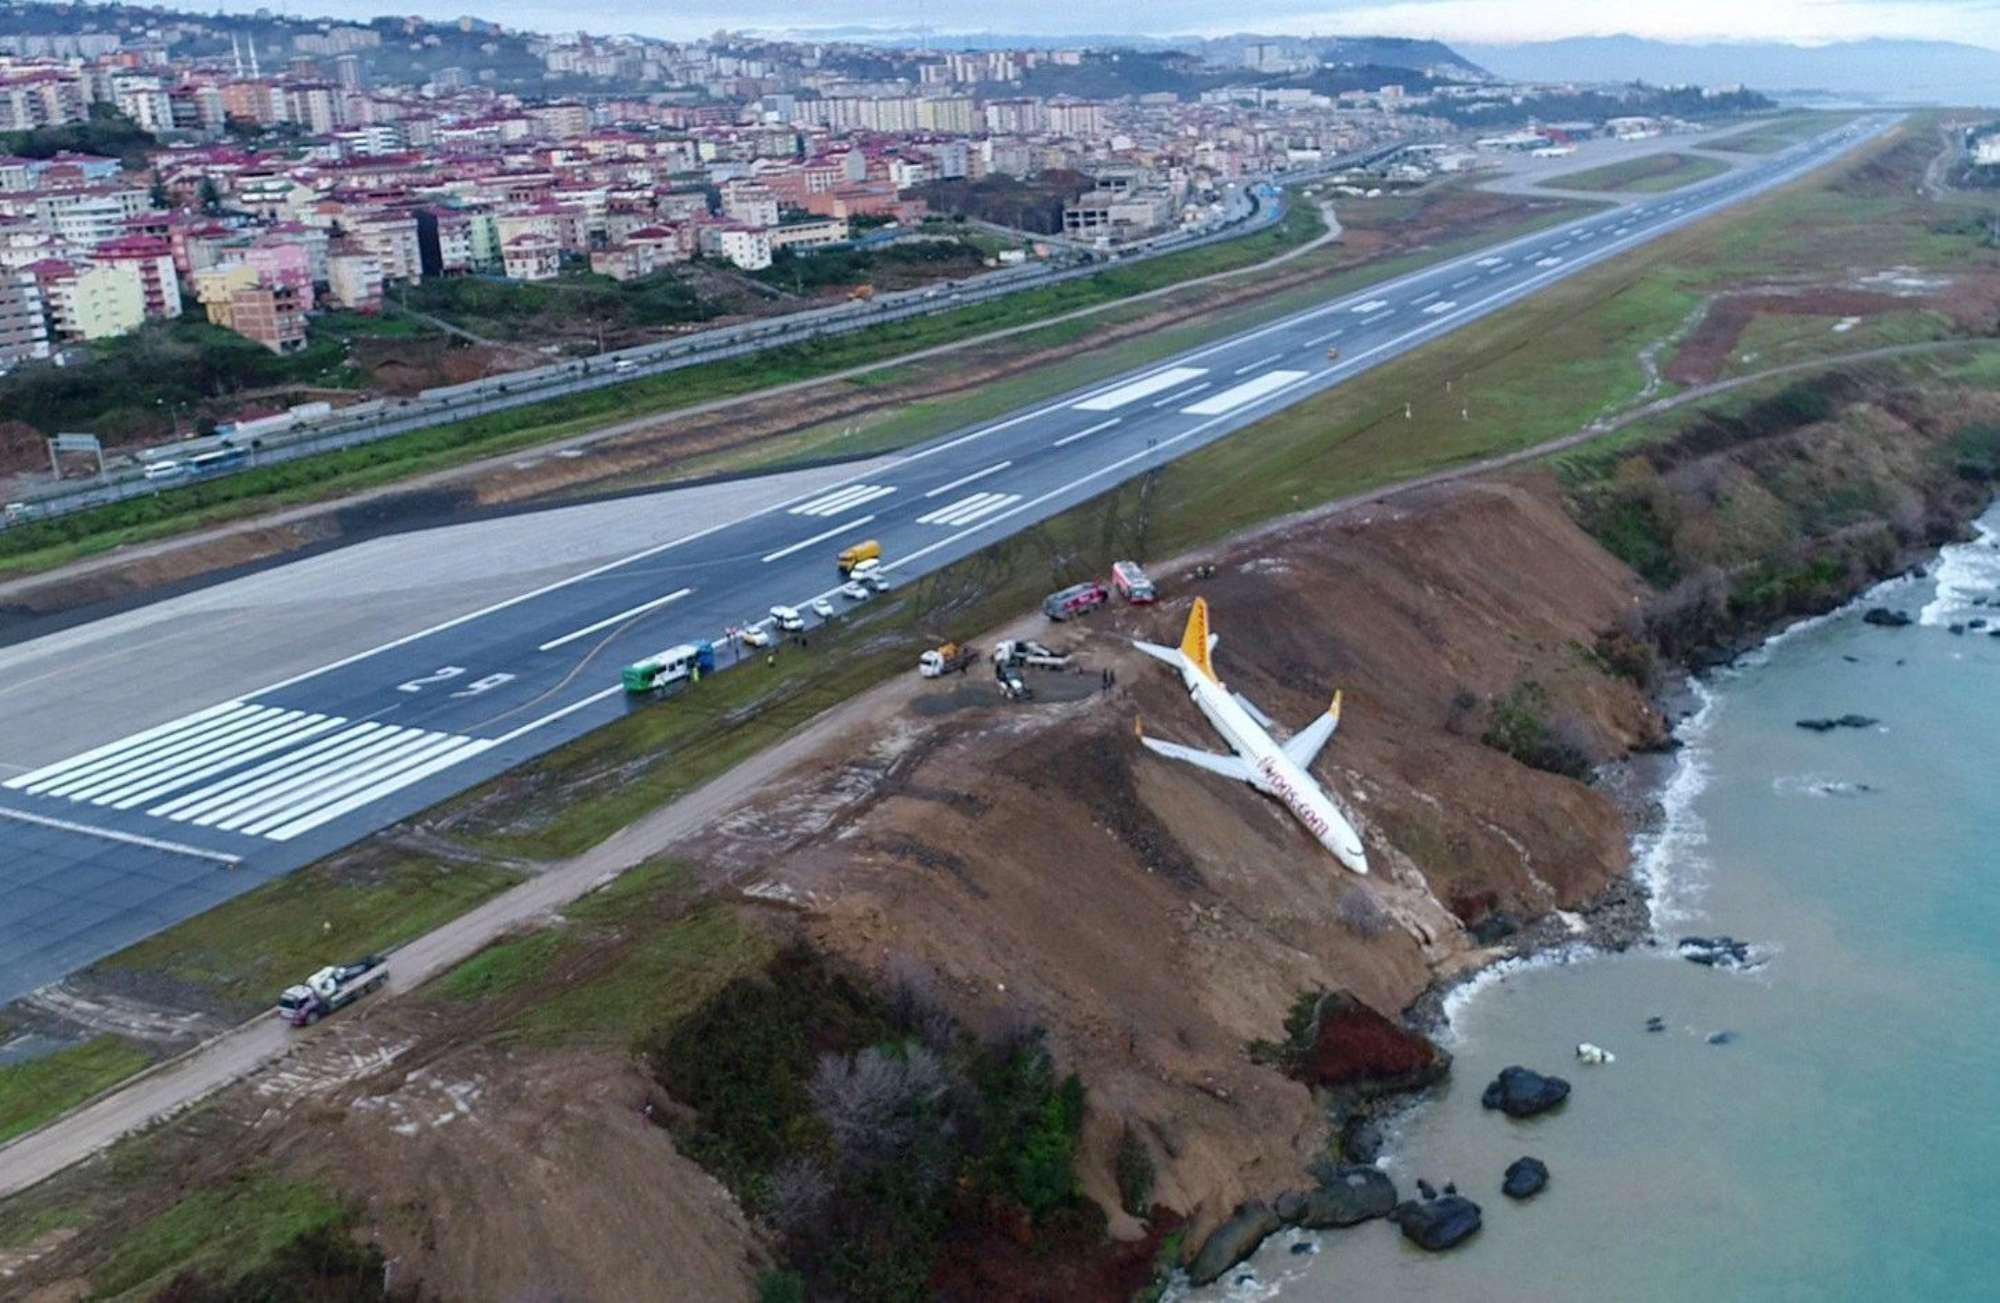 Turchia, aereo passeggeri fallisce l'atterraggio: nessun ferito